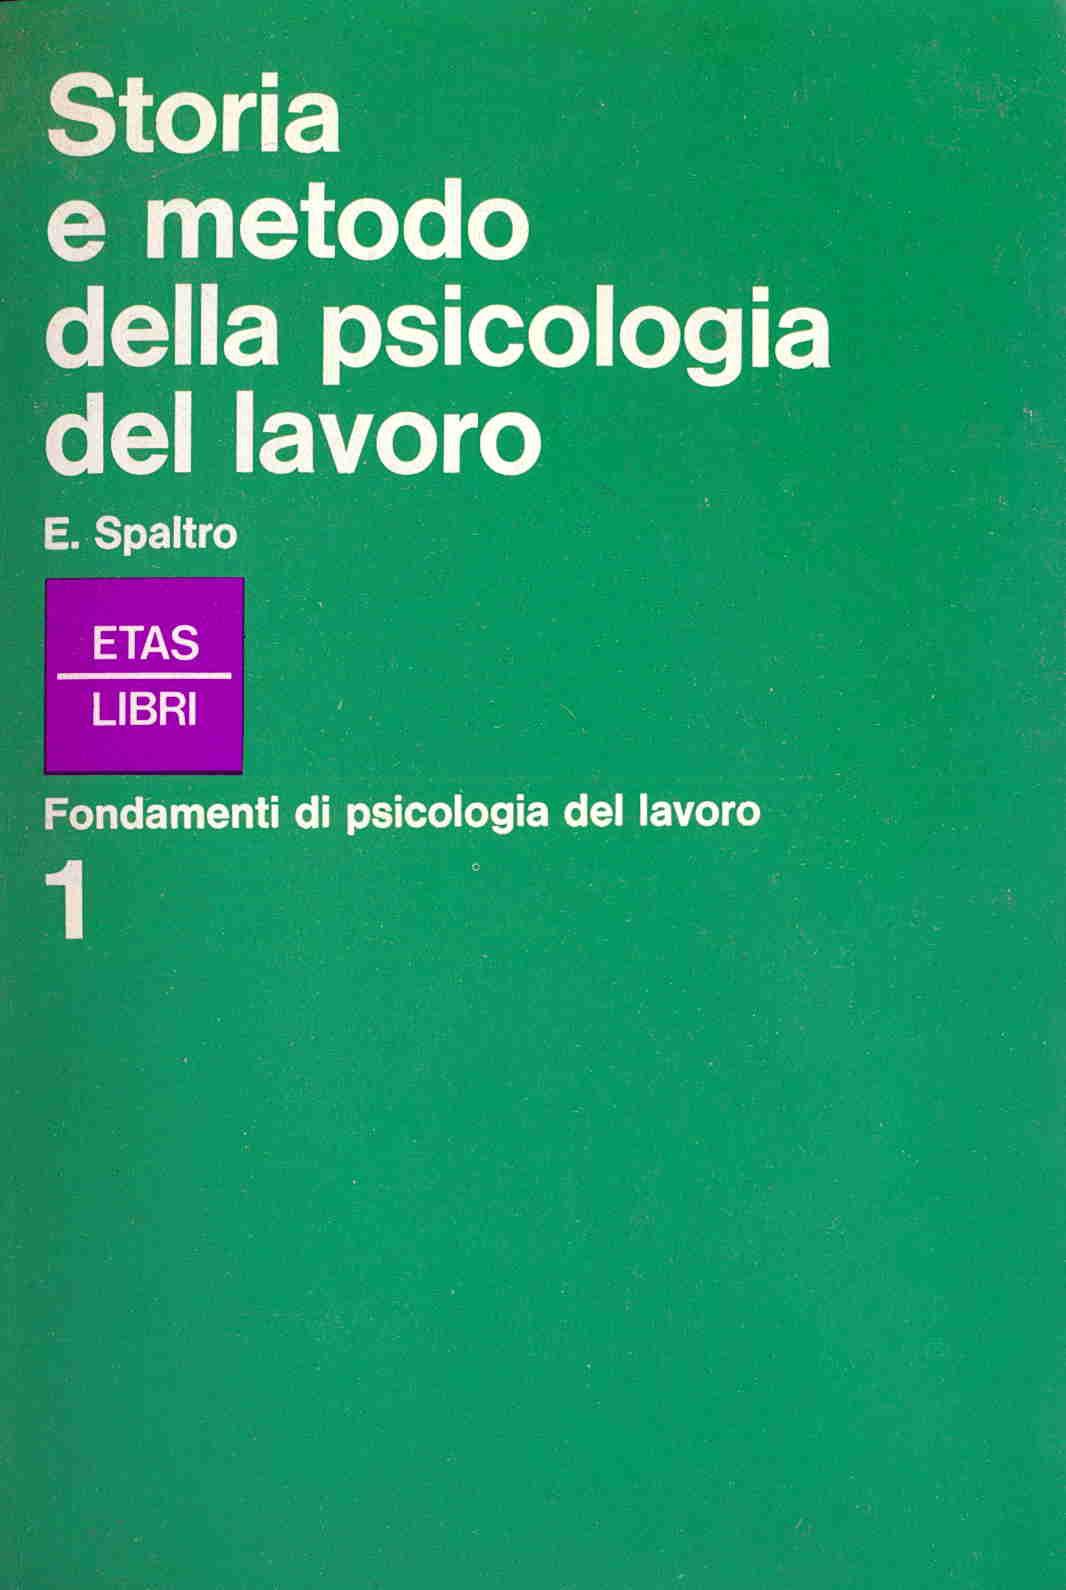 Storia e metodo della psicologia del lavoro